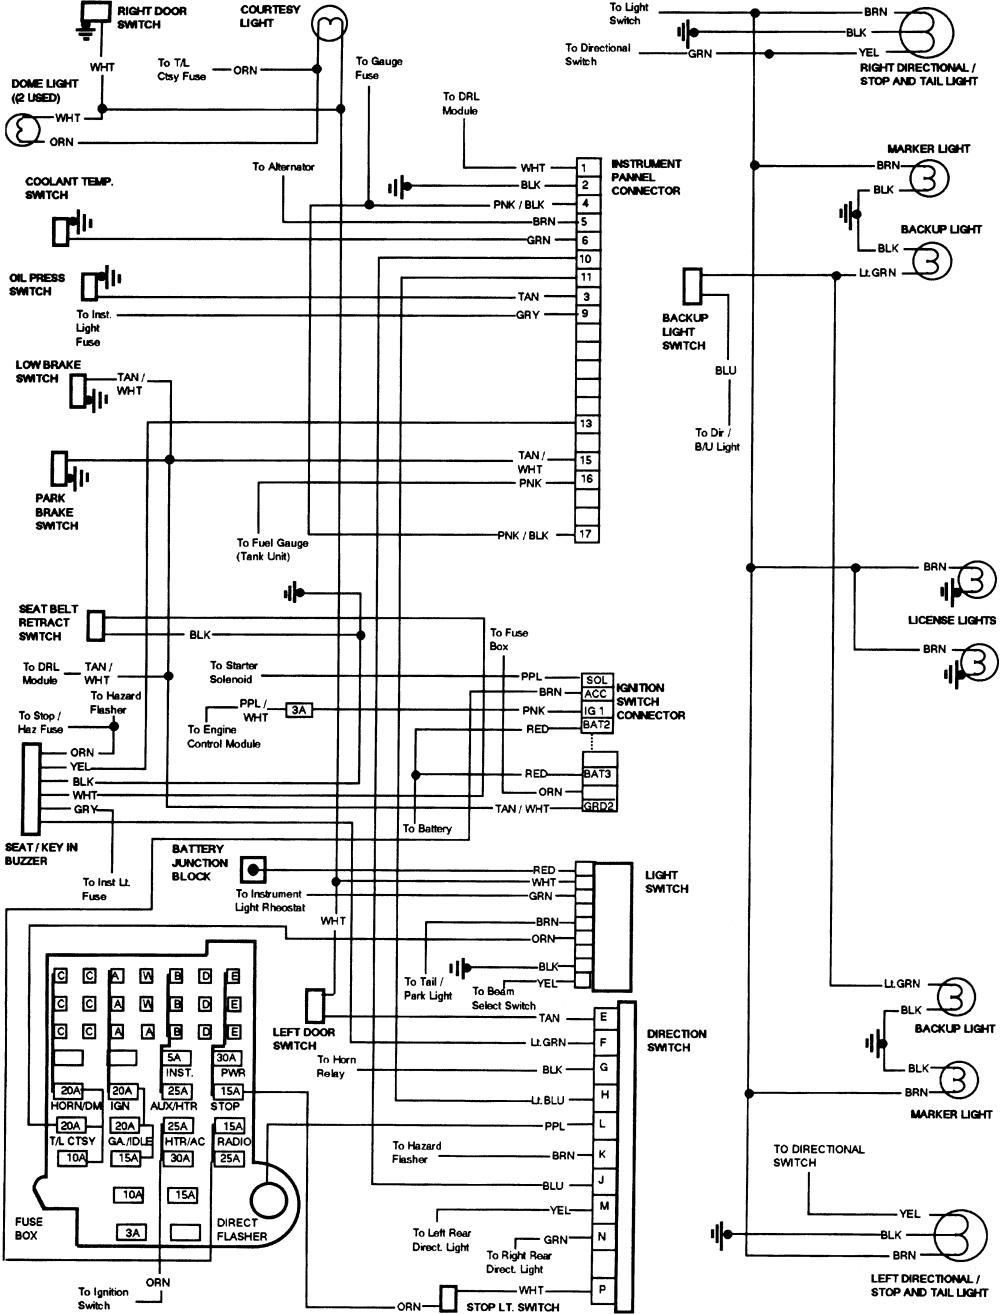 1979 Chevy Truck Wiring Schematic